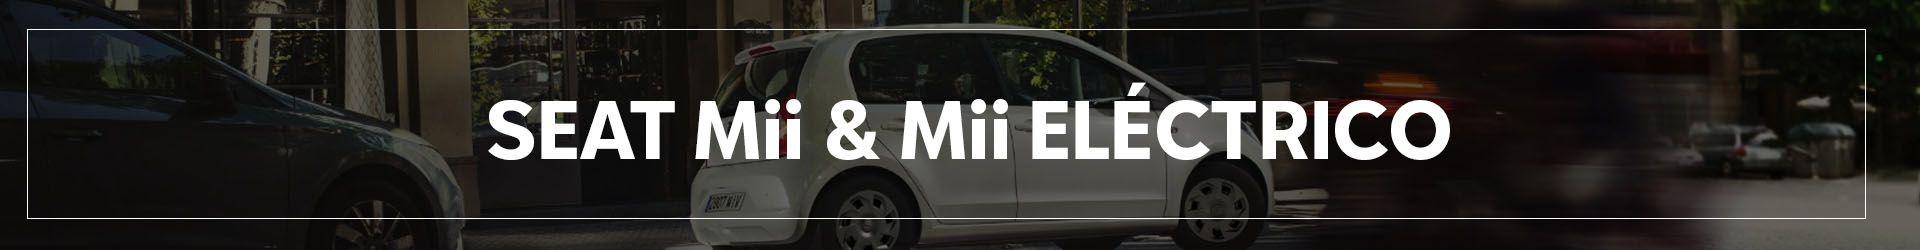 cabeceras páginas SEAT MII   Automocion Terry Concesionario Cadiz